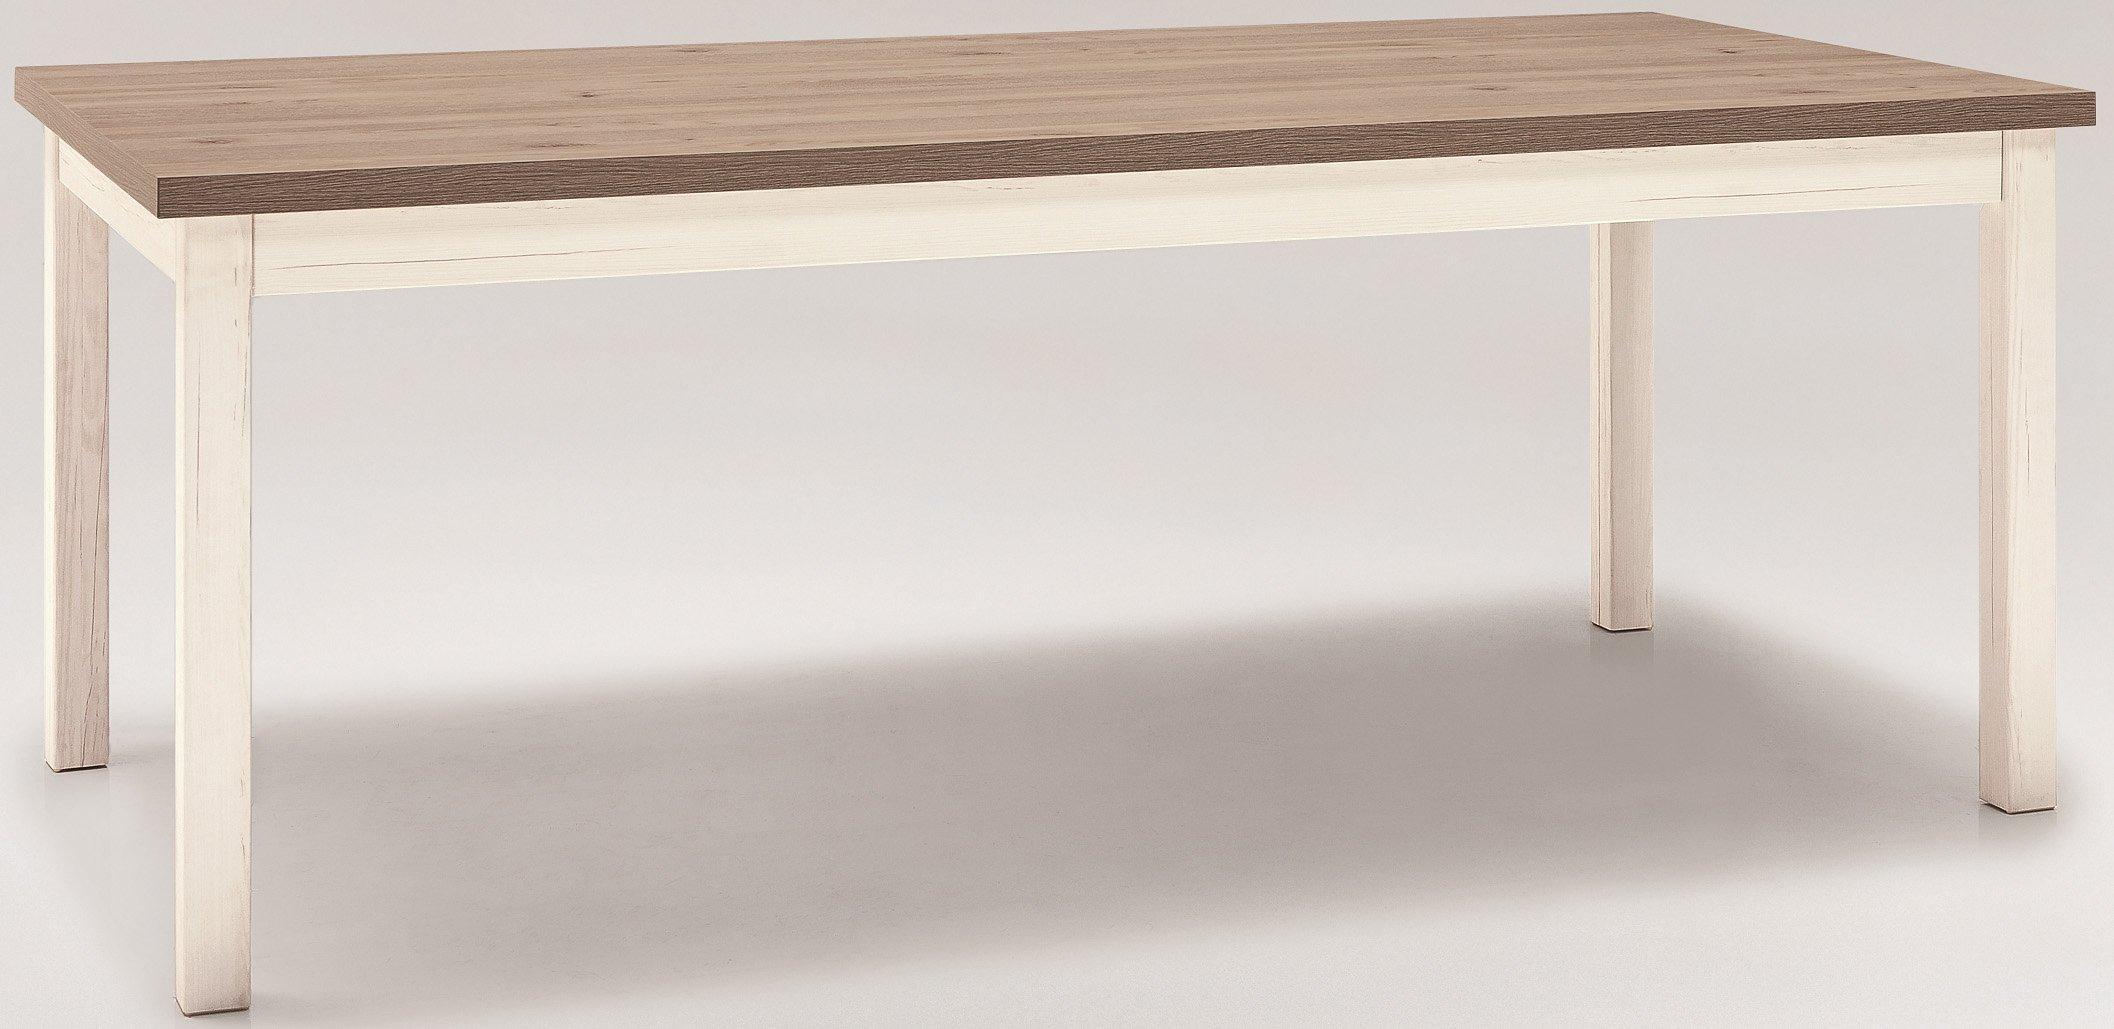 Full Size of Musterring Esstisch Set One By York Auf Rechnung Bestellen Baur Massivholz 2m Teppich Kaufen Eiche Deckenlampe Lampe Industrial Skandinavisch Holz Günstig Mit Esstische Musterring Esstisch